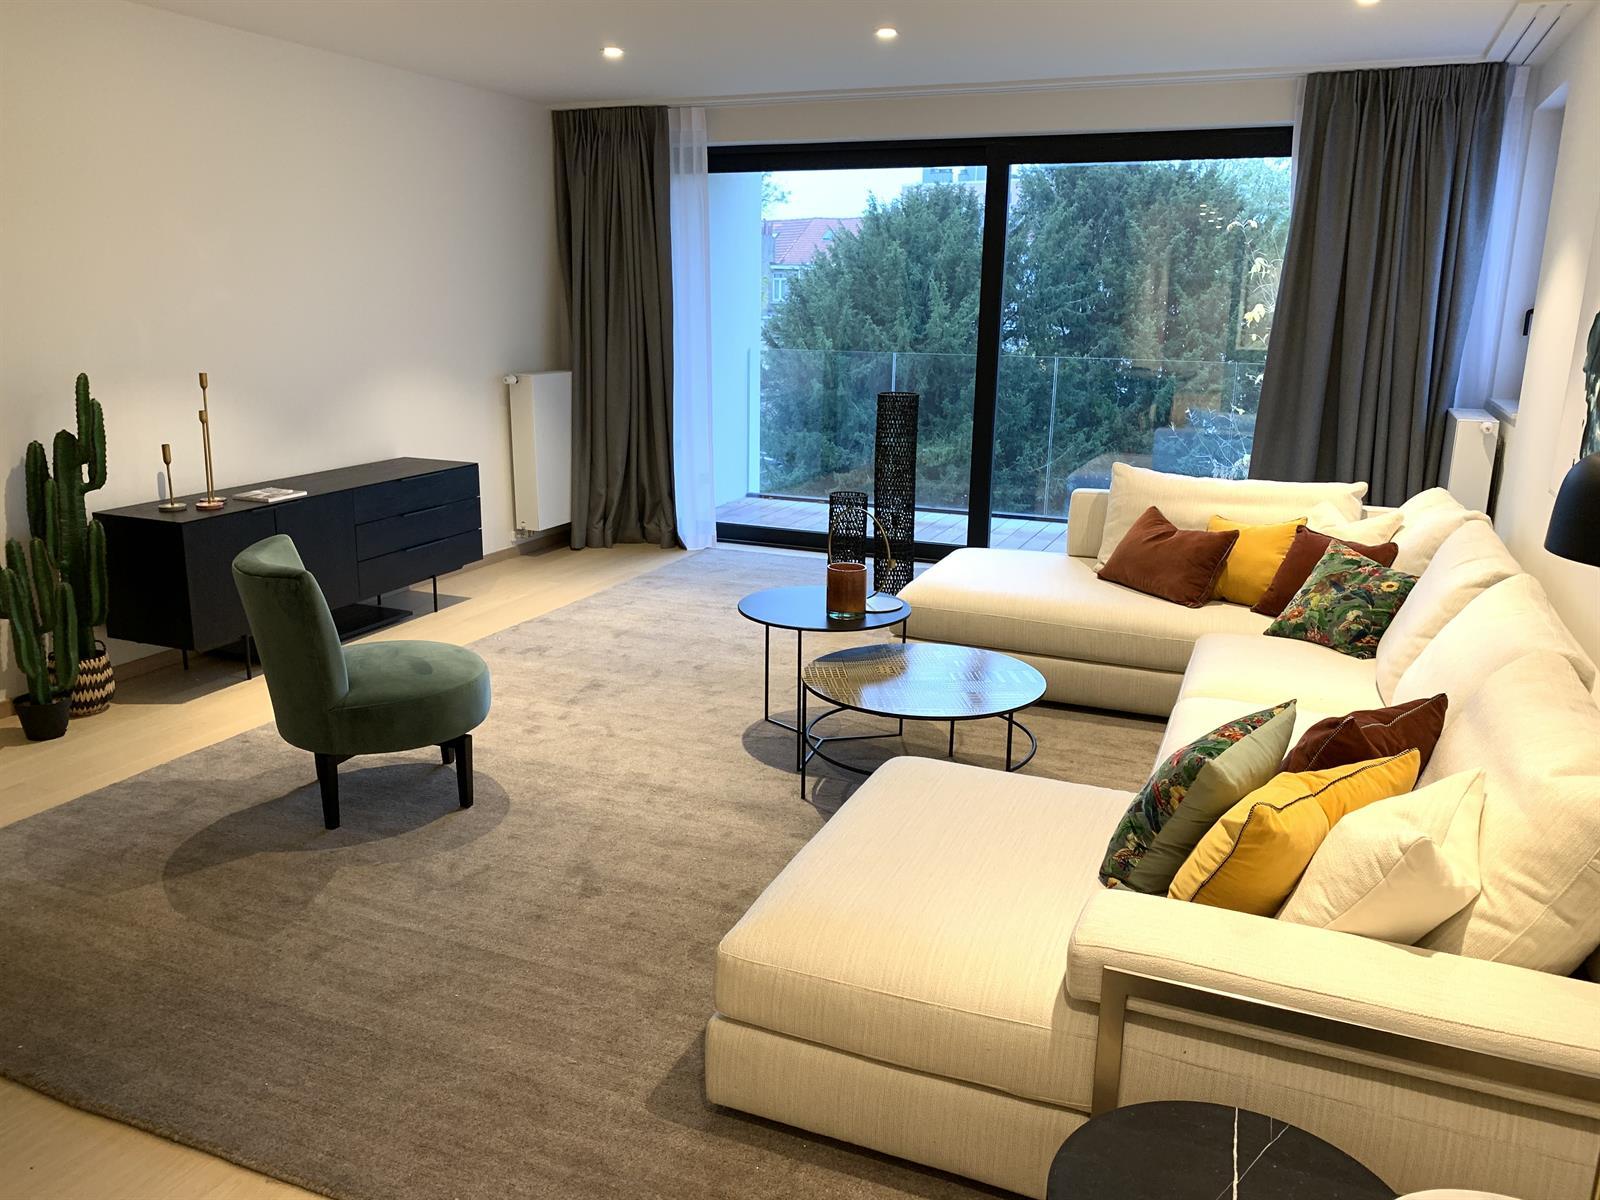 Appartement exceptionnel - Ixelles - #3929618-0